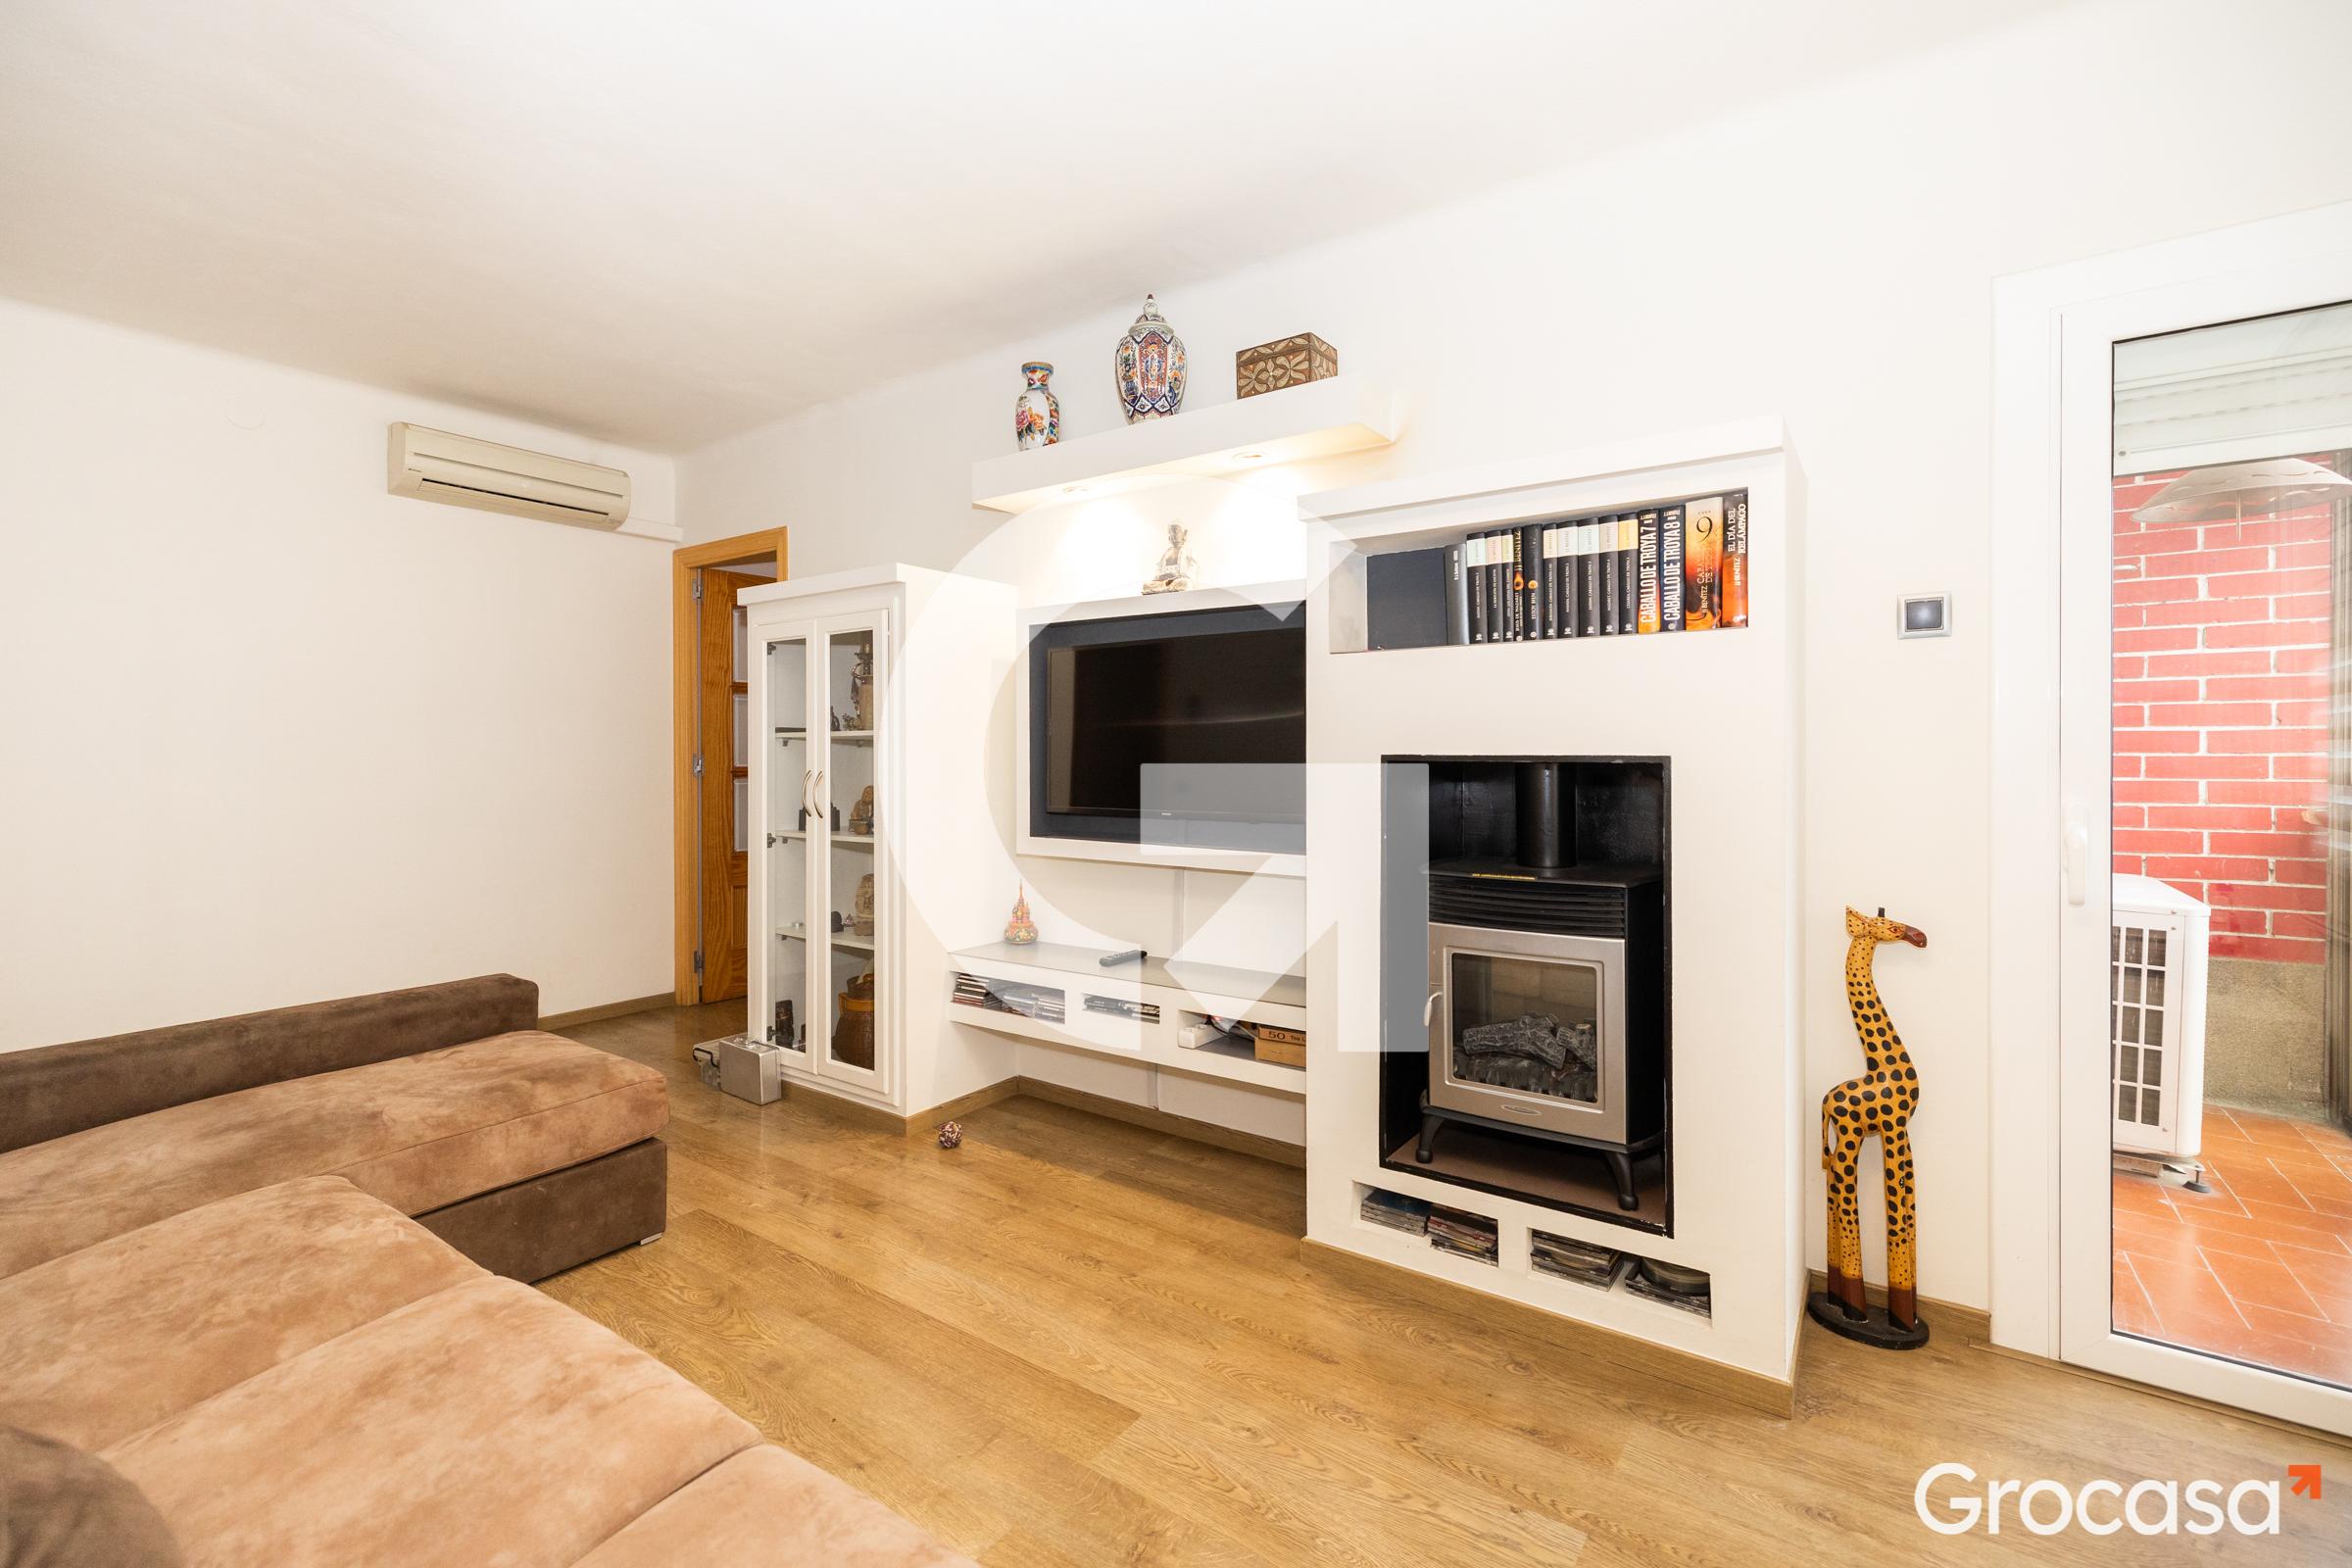 Piso en MolÍ nou - coop. en Sant Boi de Llobregat en Venta por 191.000€